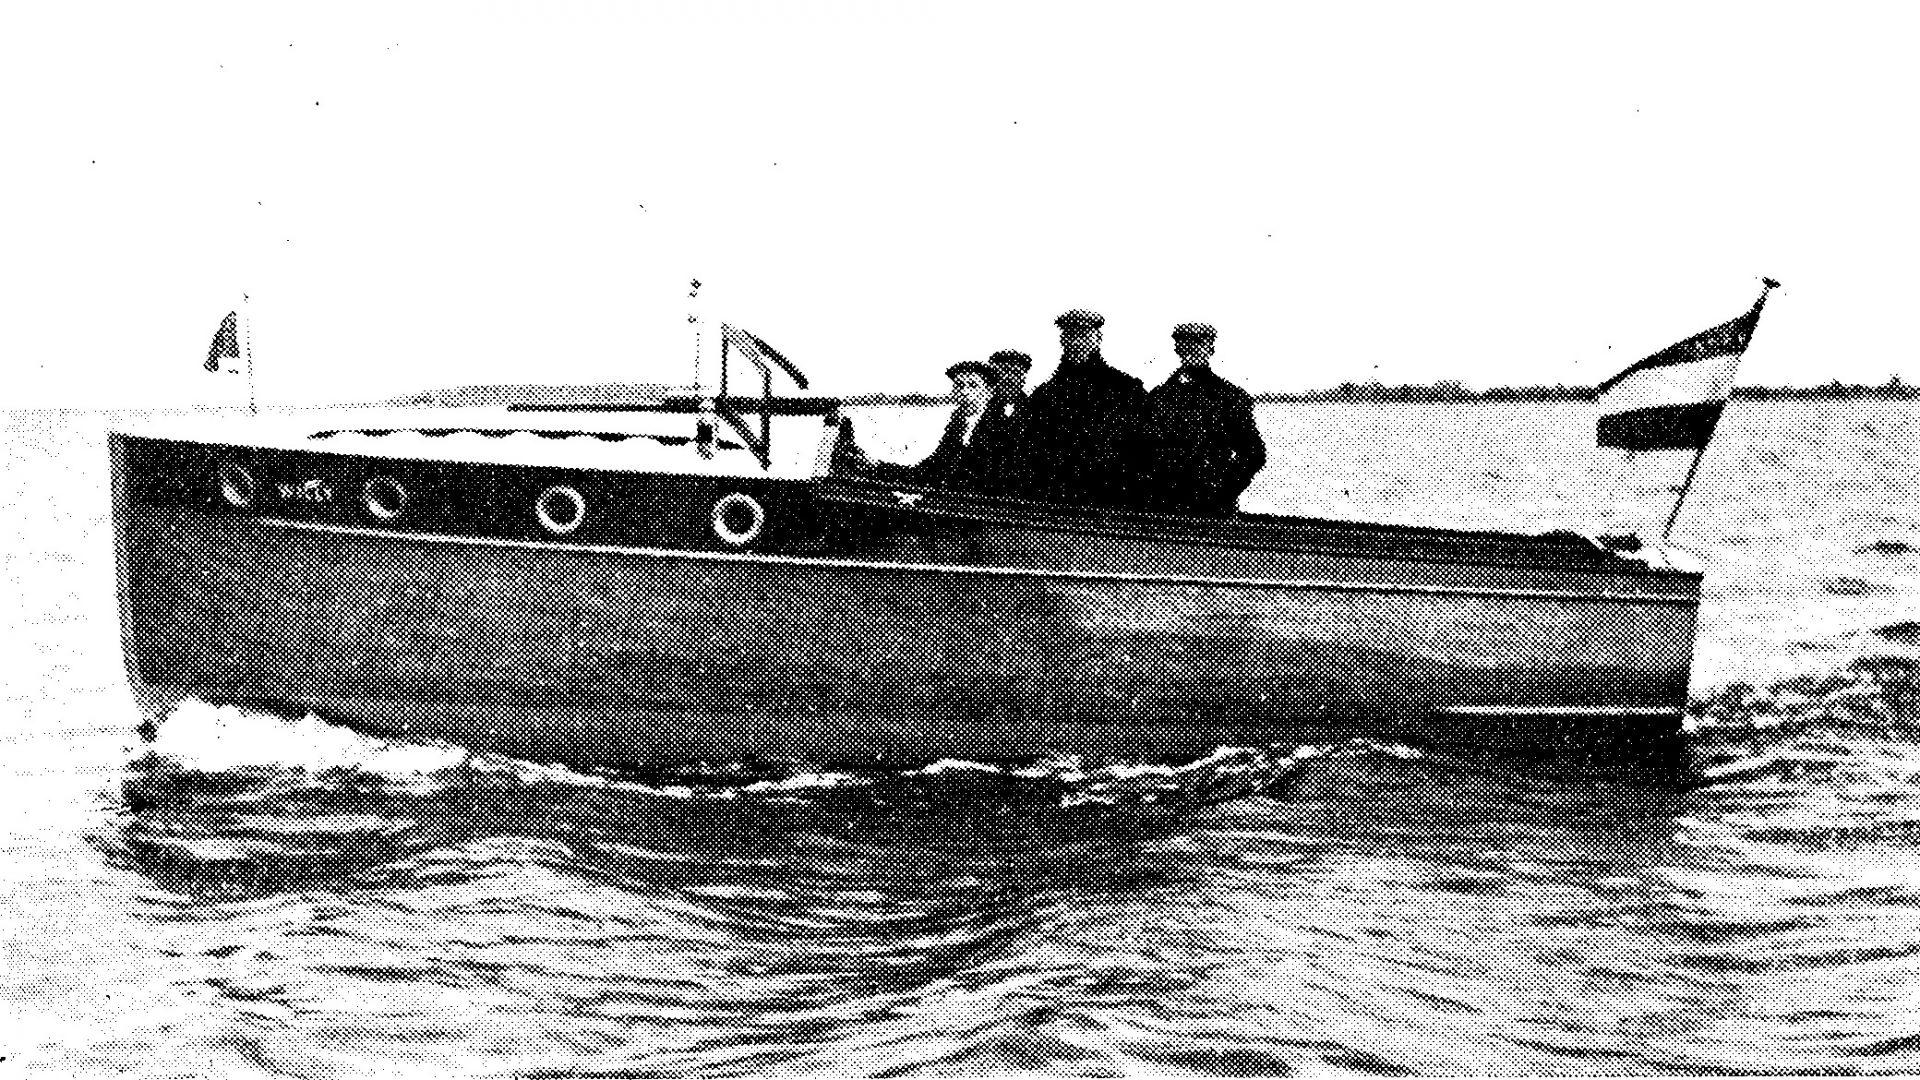 p_226_1930 Motor Kruiser Willy